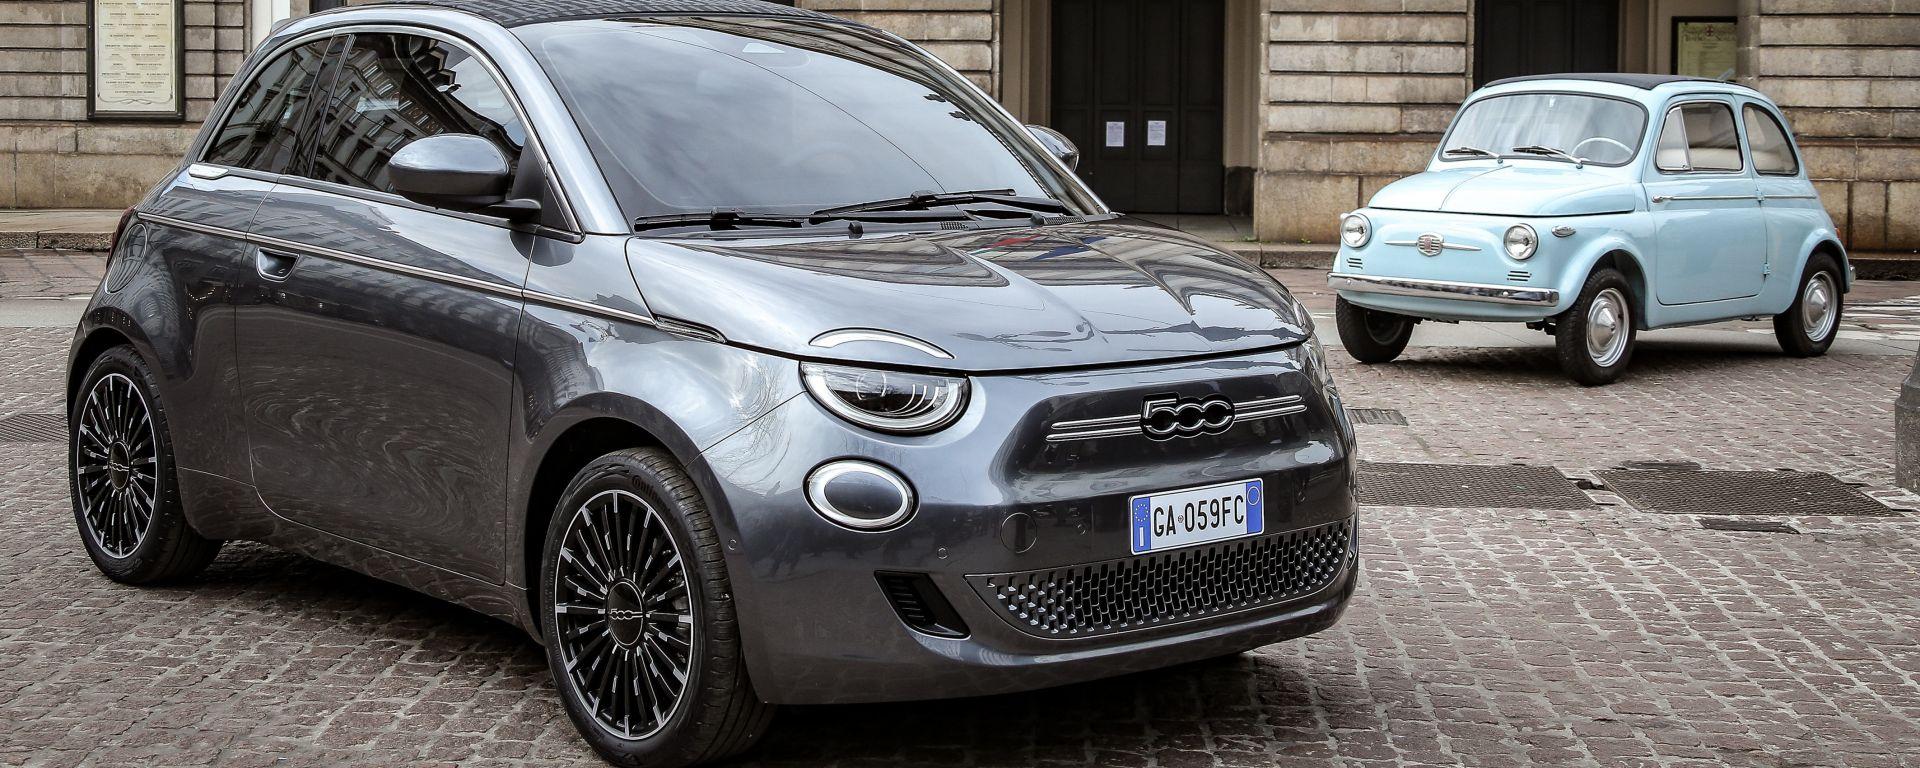 Fiat 500: generazioni a confronto